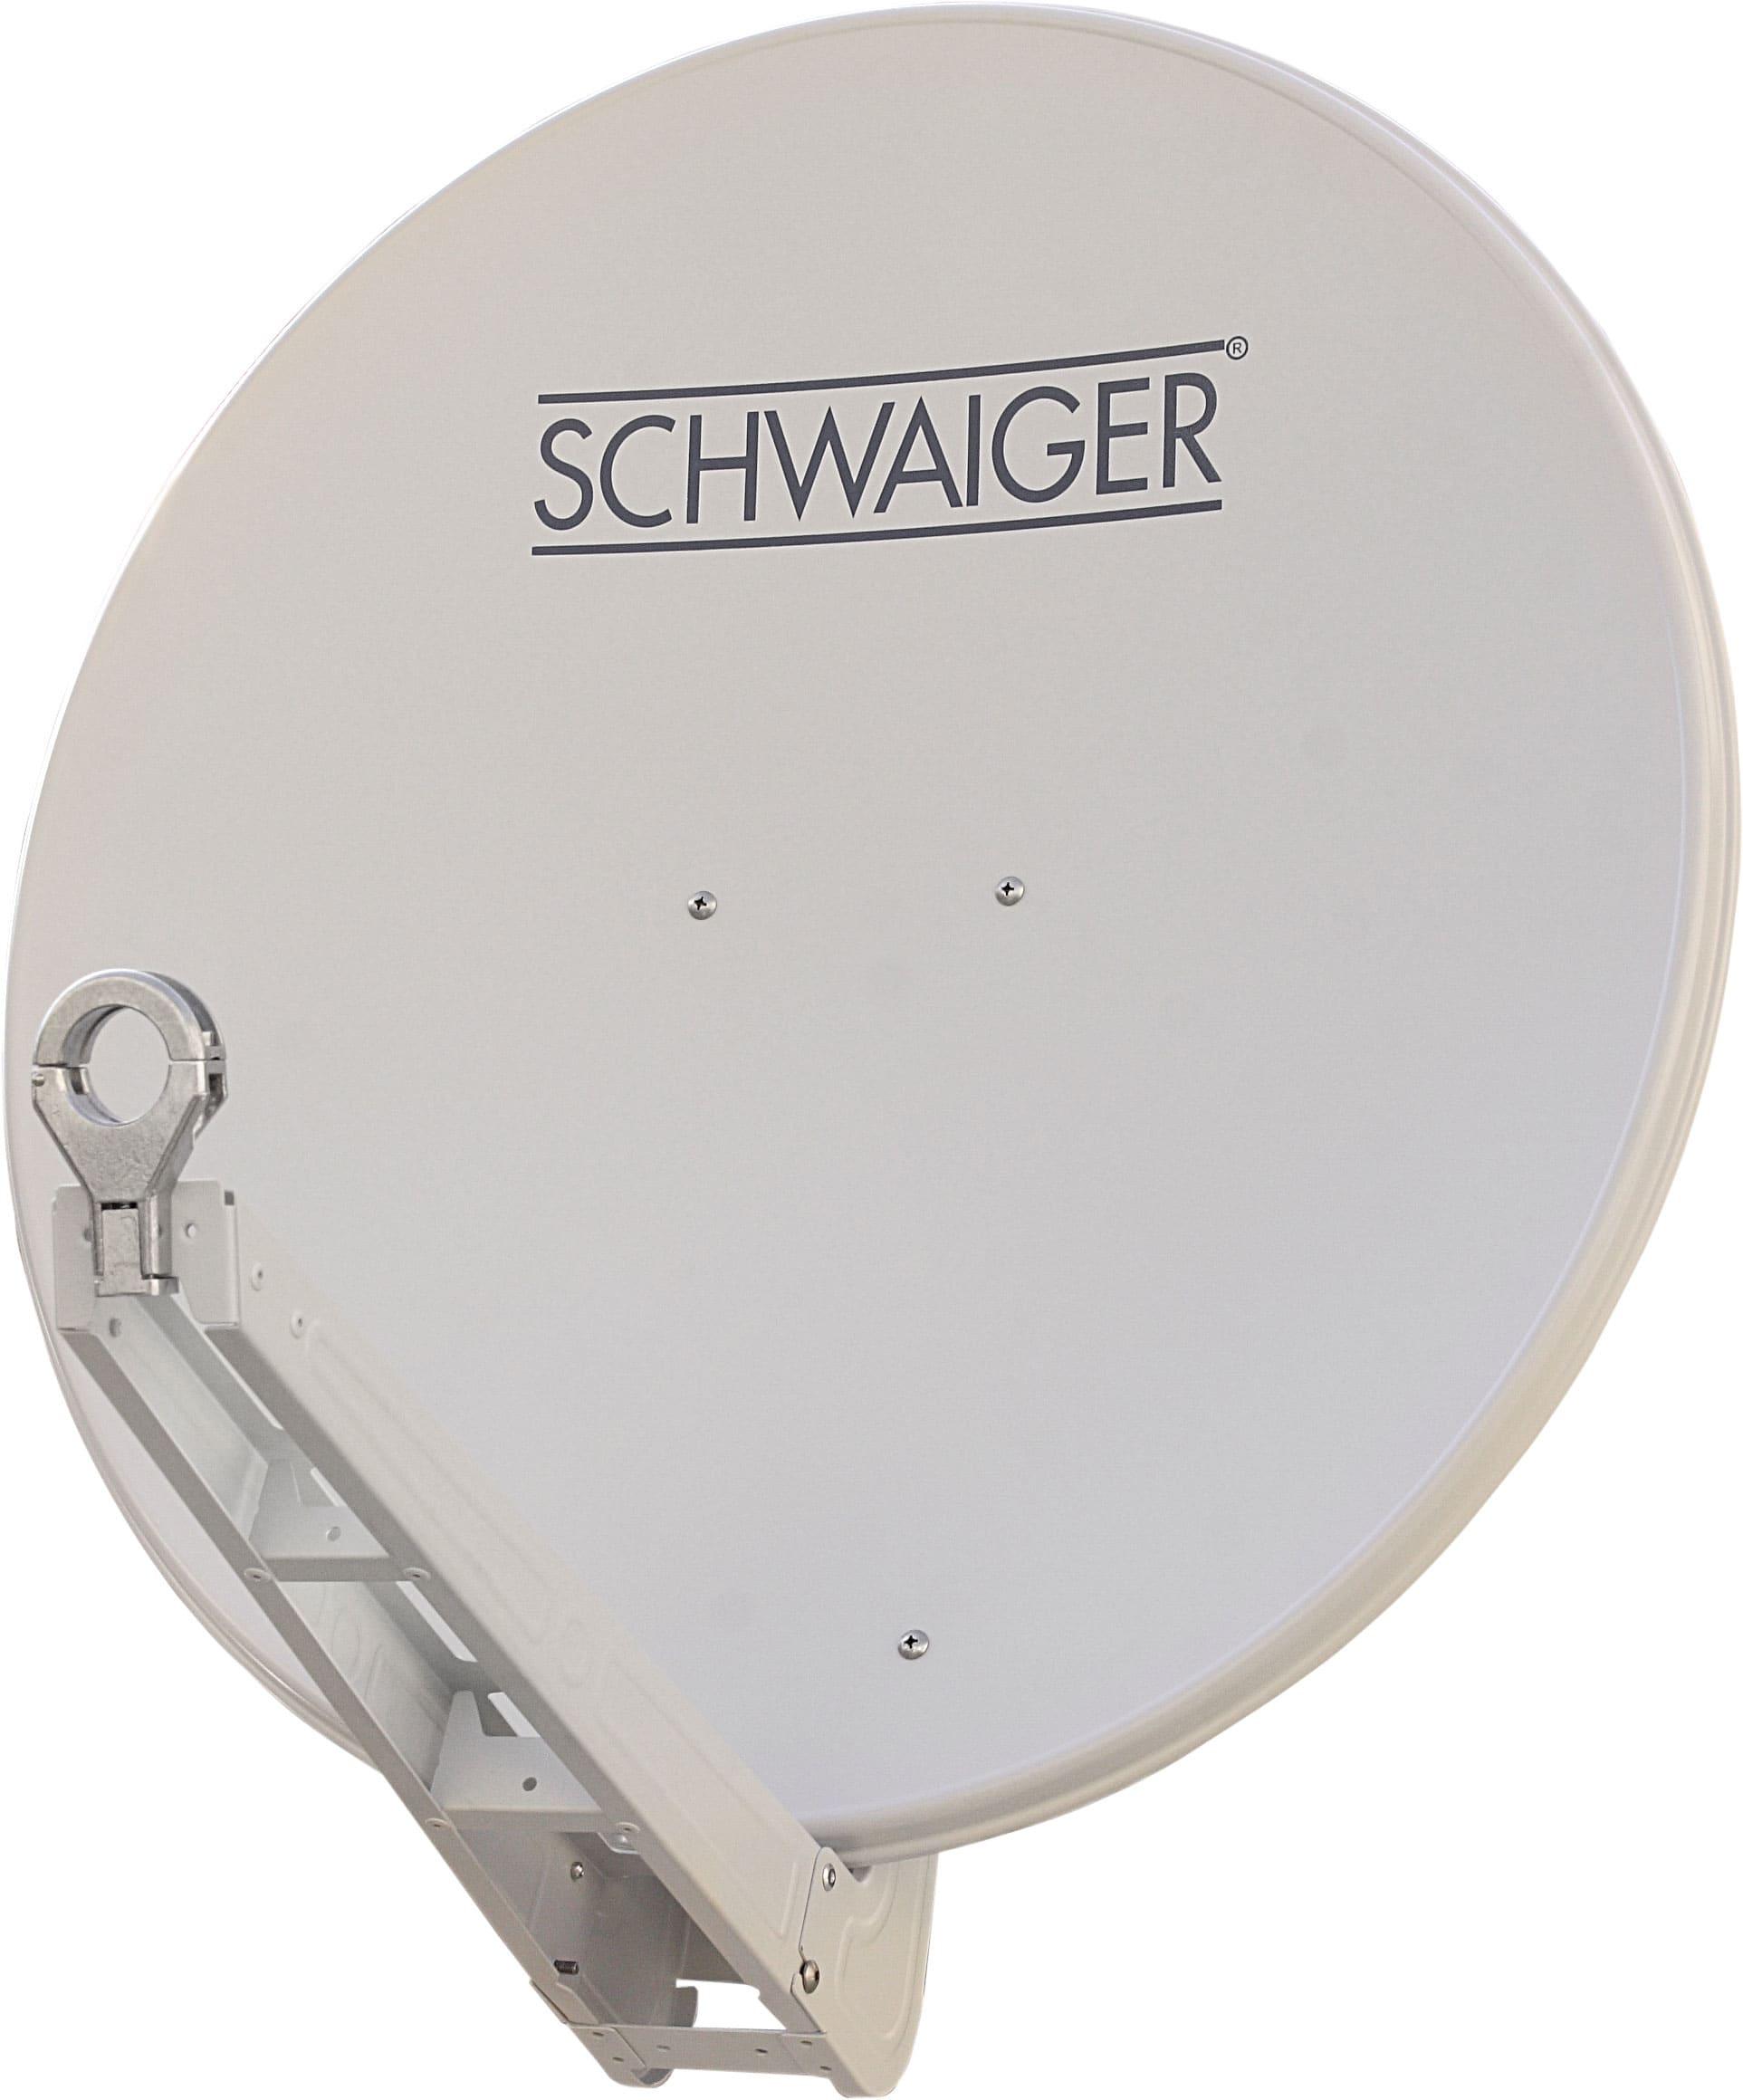 Schwaiger SPI075P Satellitenantenne Alu-Spiegel 75cm Premiumklasse für 159,00 Euro